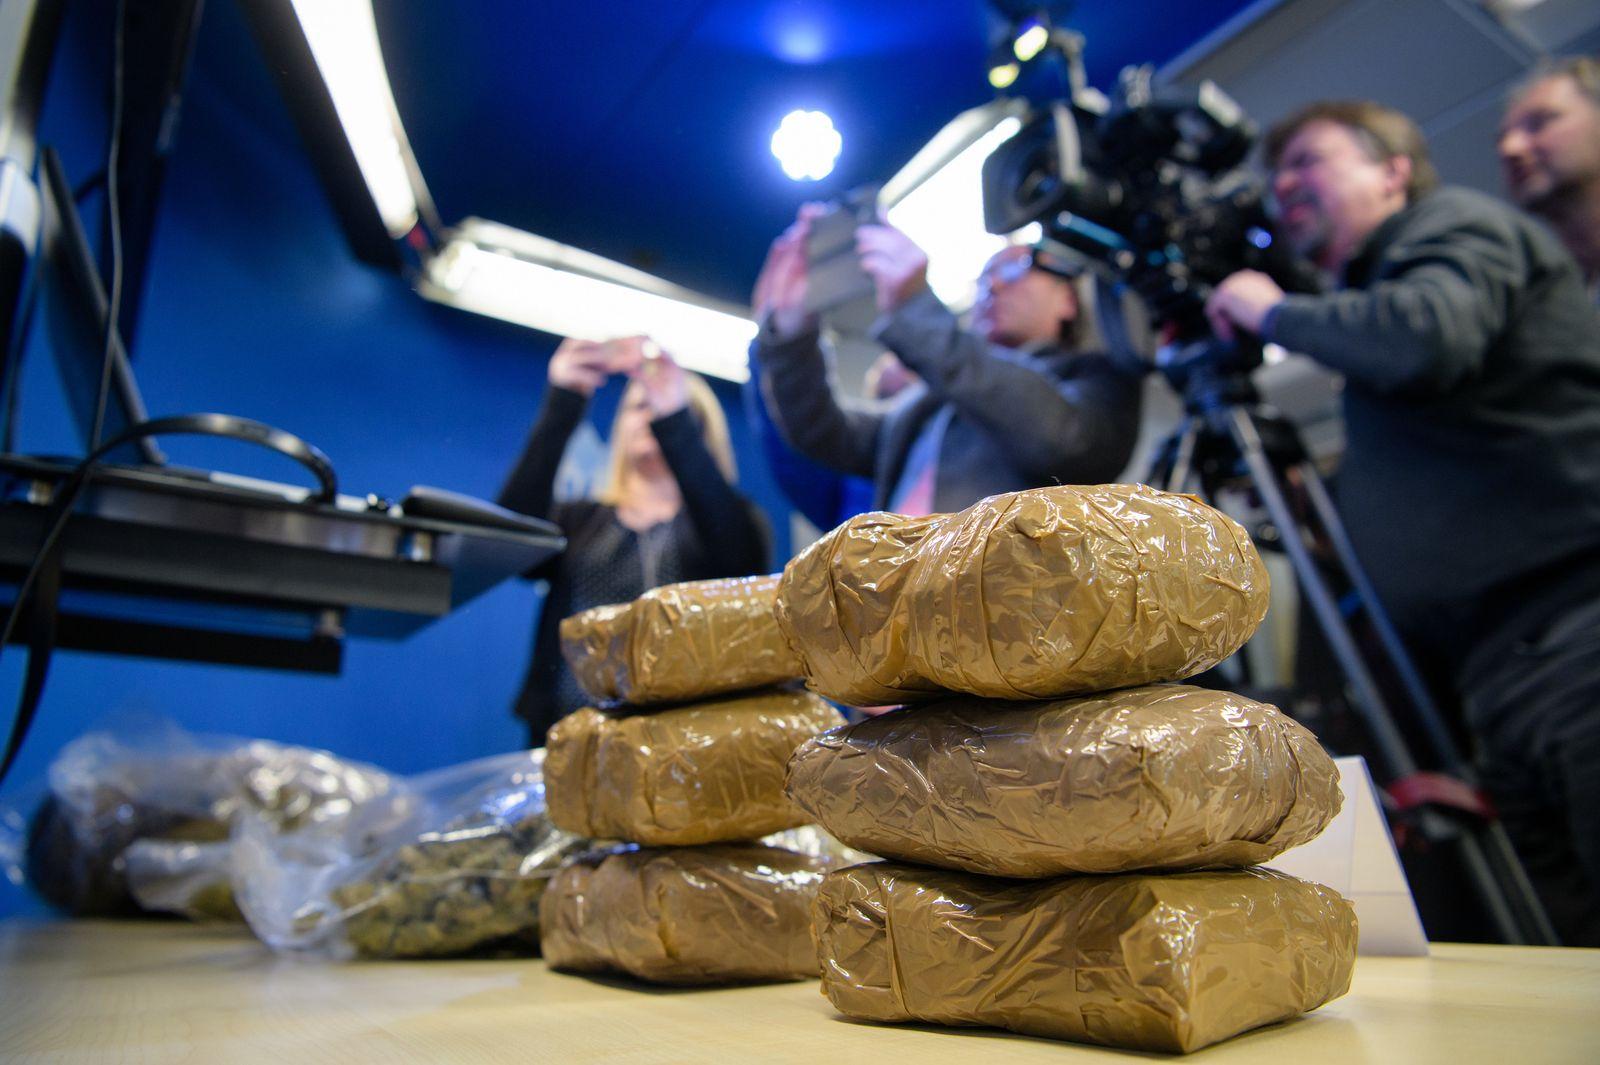 LKA Bayern stellt größten geklärten Rauschgiftfall vor